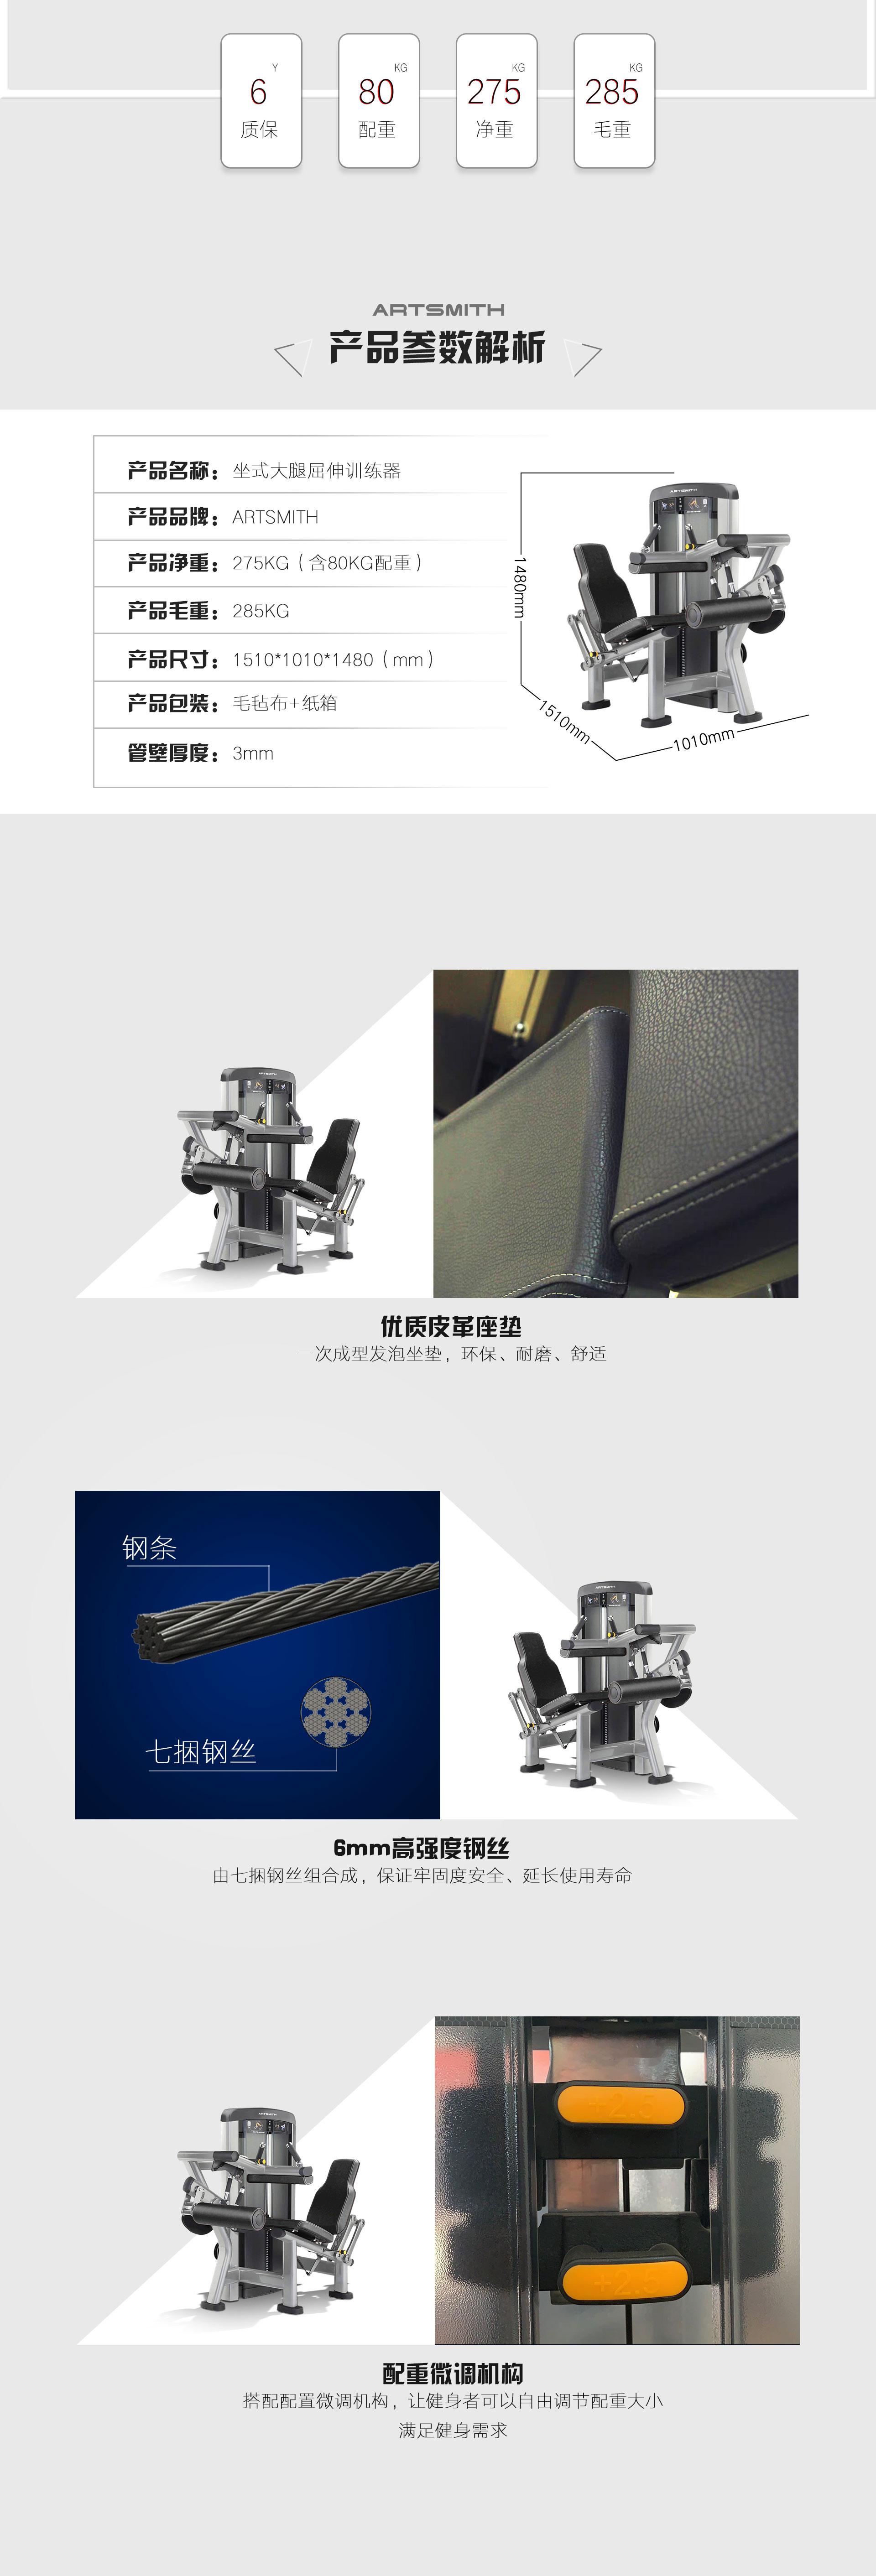 模板_02.jpg